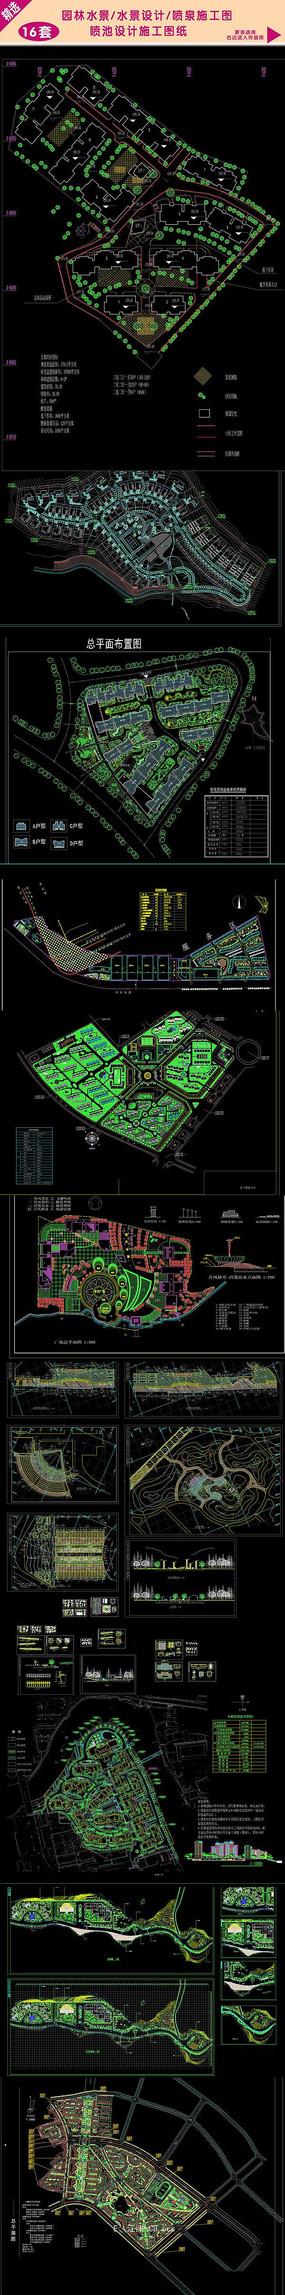 房地产建筑平面图纸 dwg